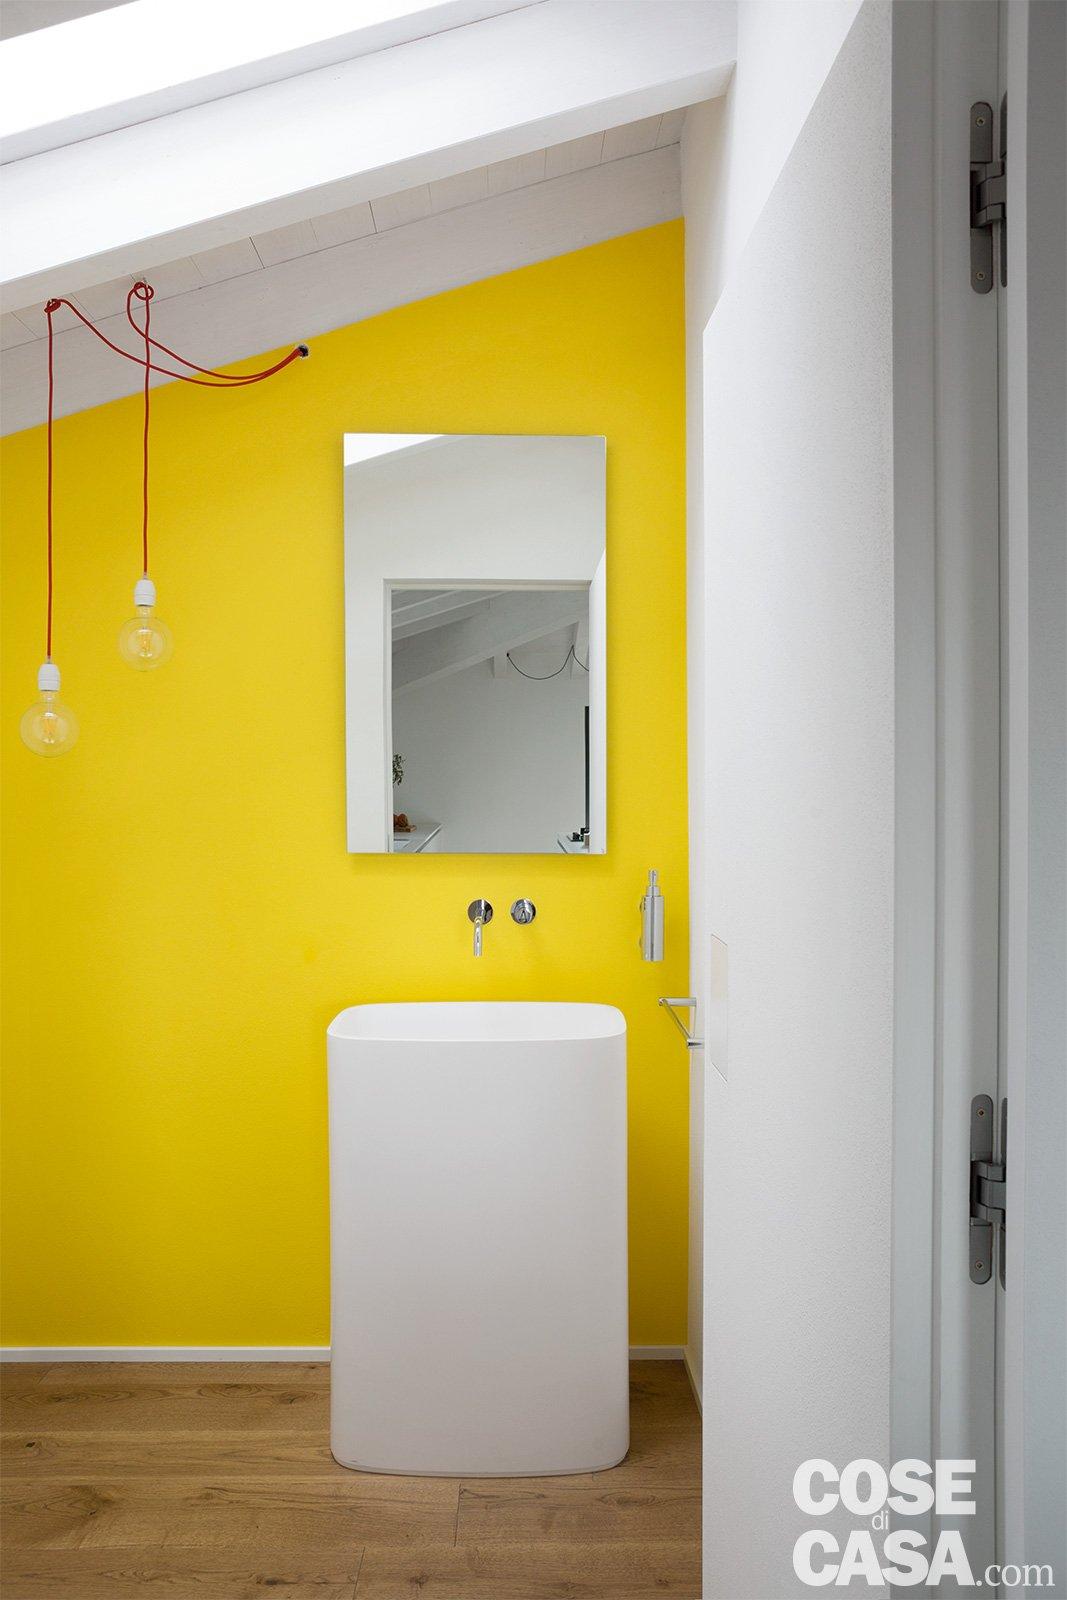 Bagno il sottotetto with bagno sottotetto - Bagno nel sottotetto ...